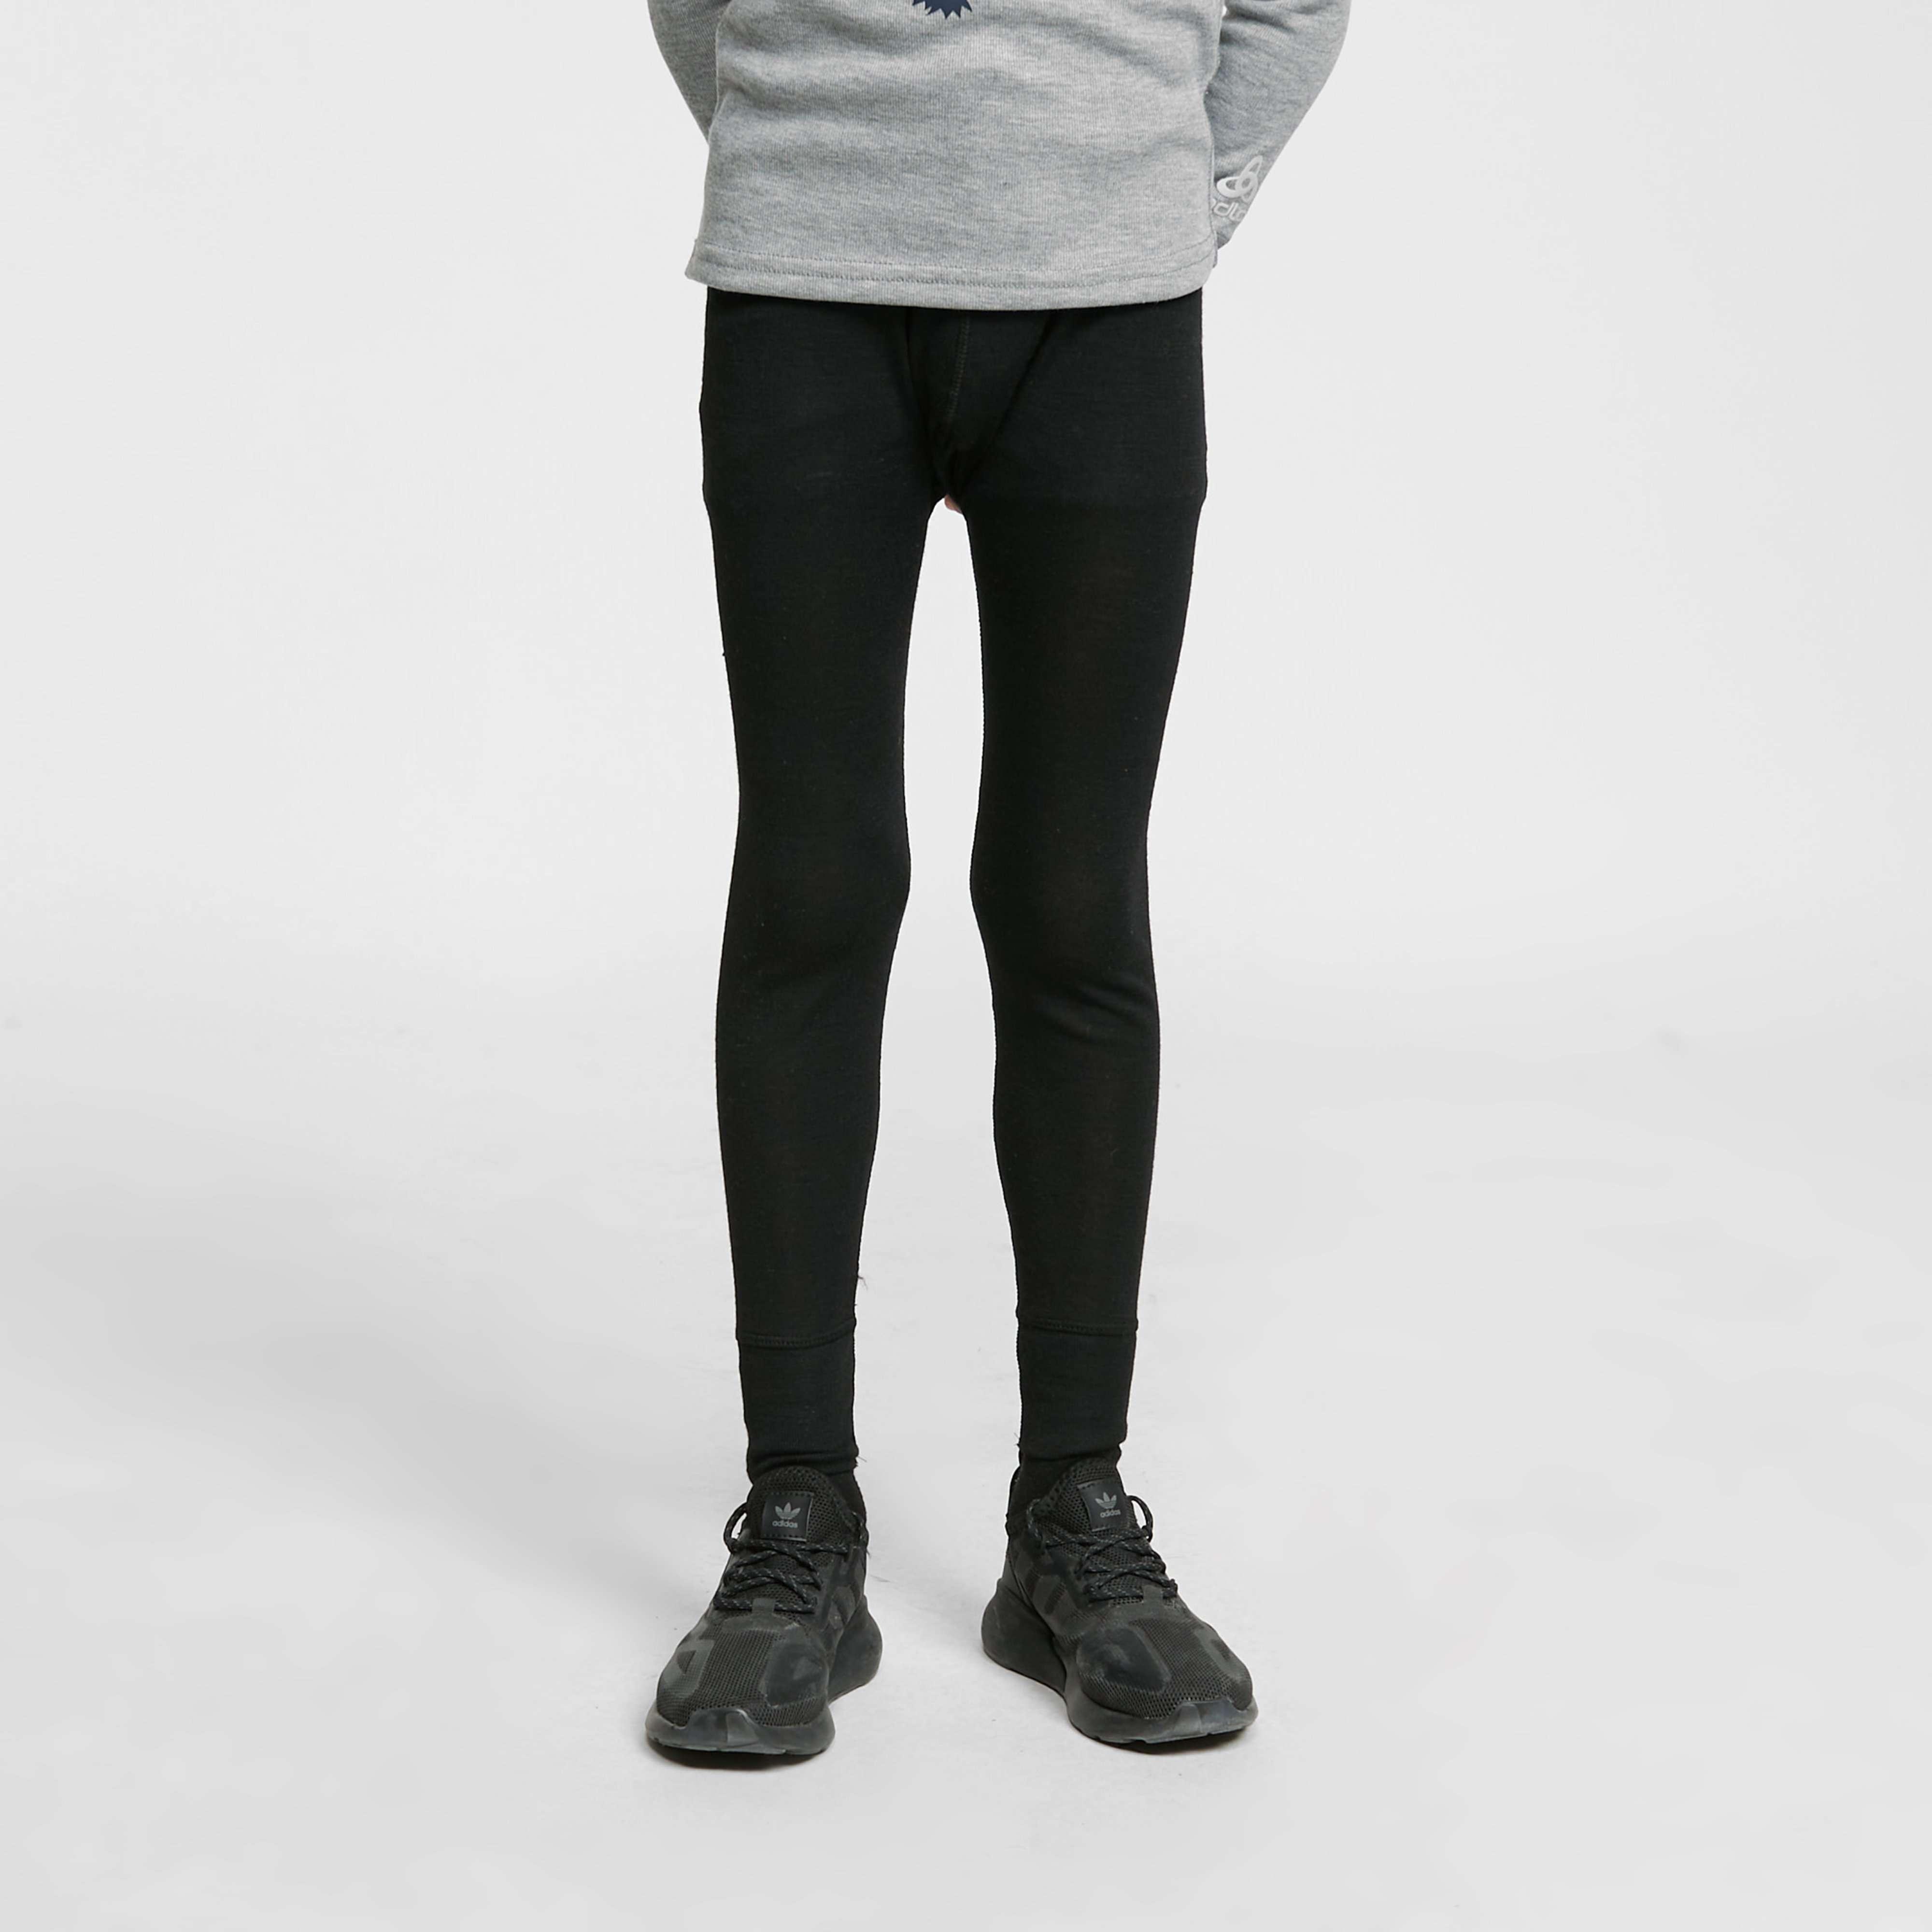 PETER STORM Kids' Unisex Merino Baselayer Leggings